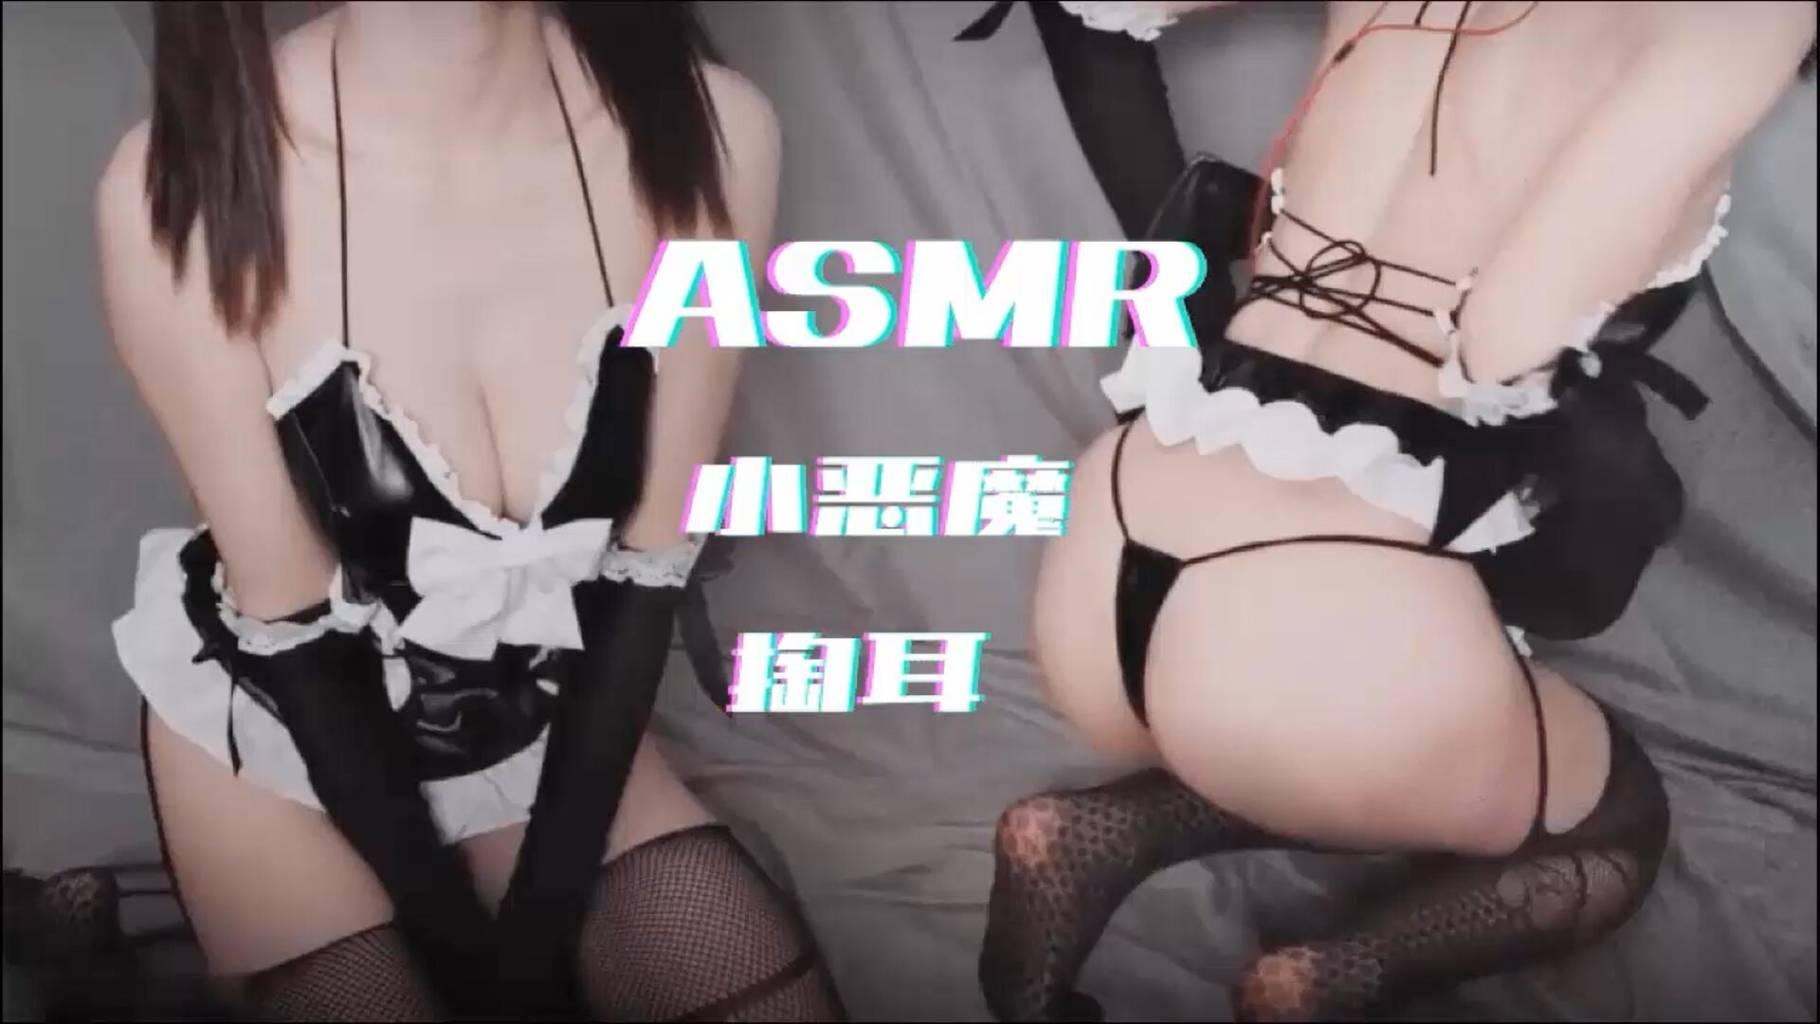 斗鱼黑米粥小恶魔ASMR掏耳福利-ASMR社区